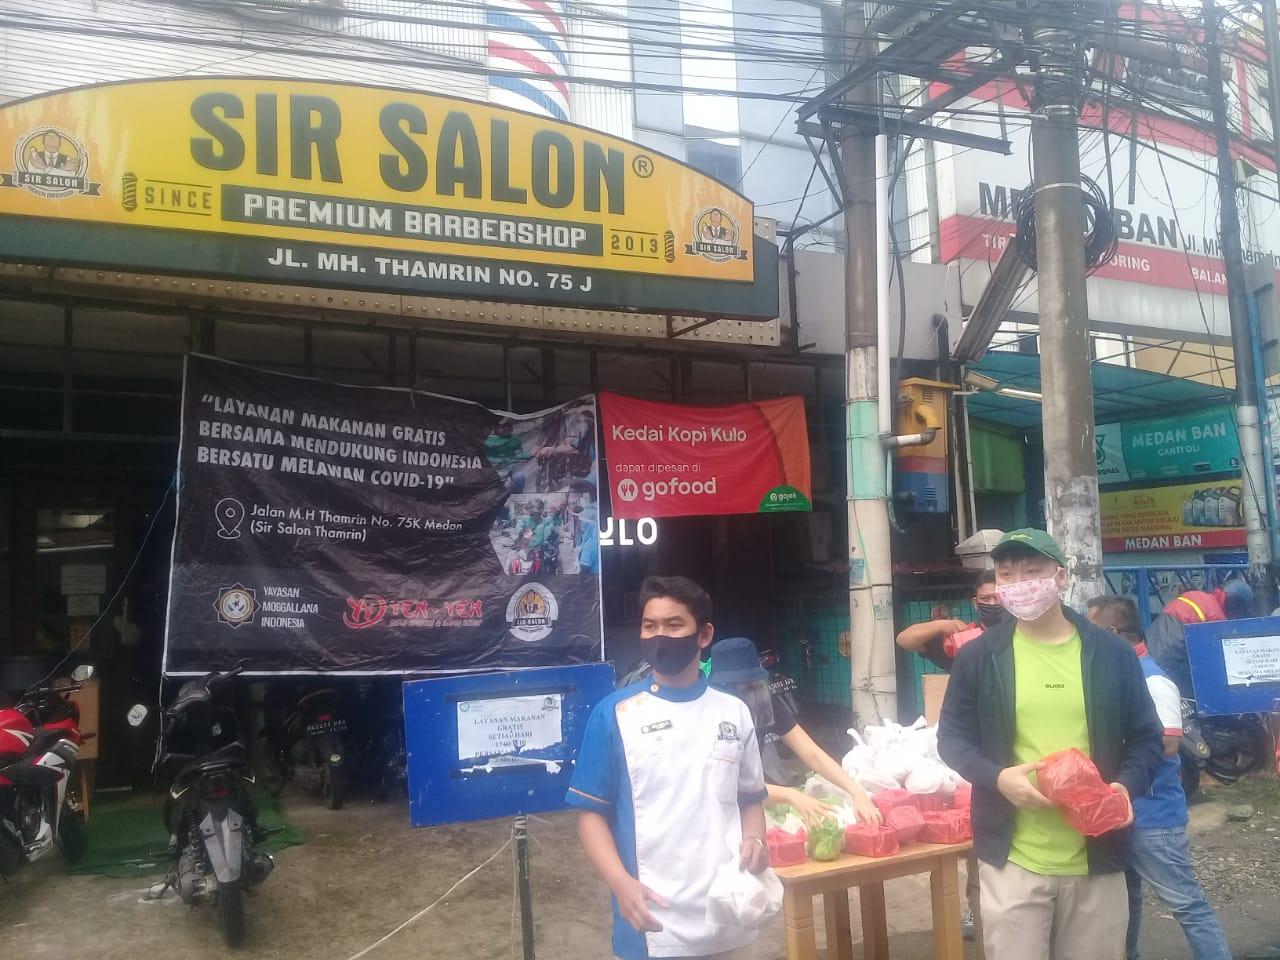 Yayasan Moggalana Indonesia Bersama Bika Ambon Yenyen & Sir Salon Berbagi Makanan